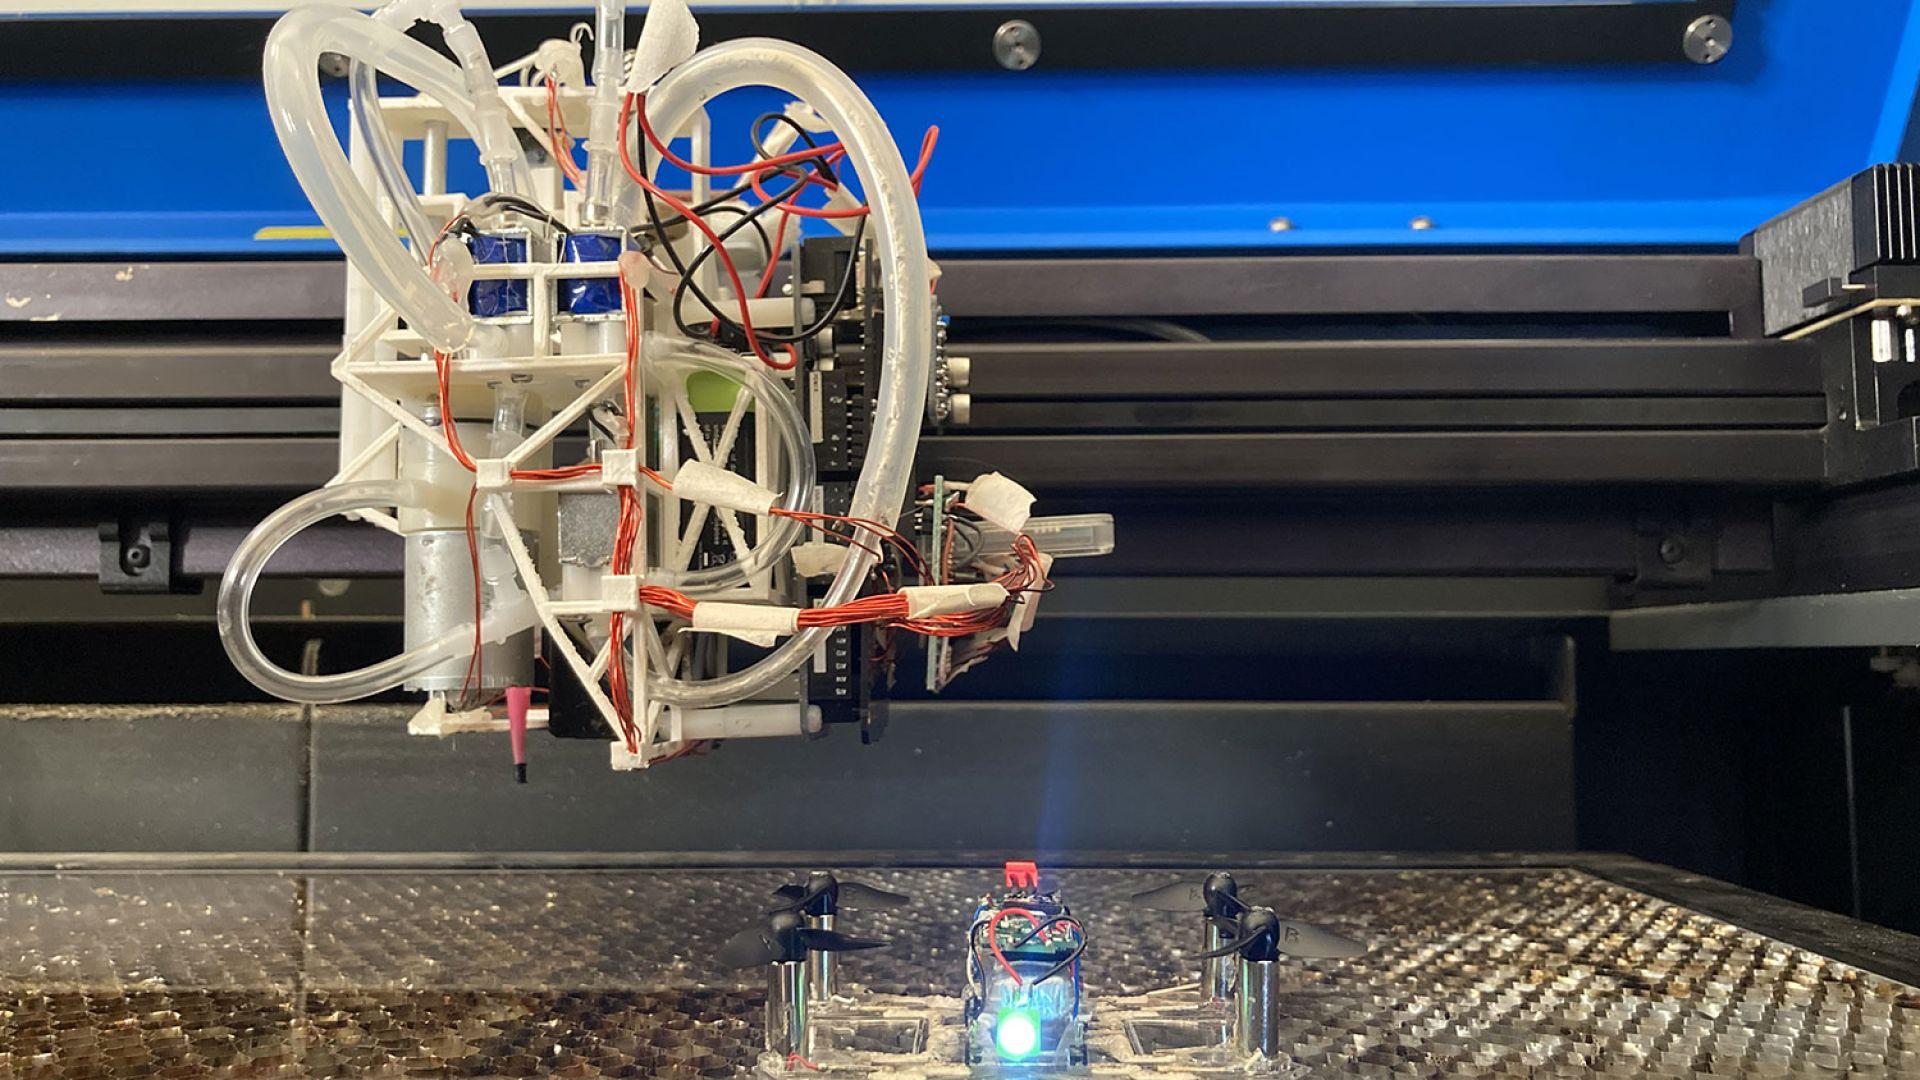 Създадоха 3D принтер за дронове и роботи